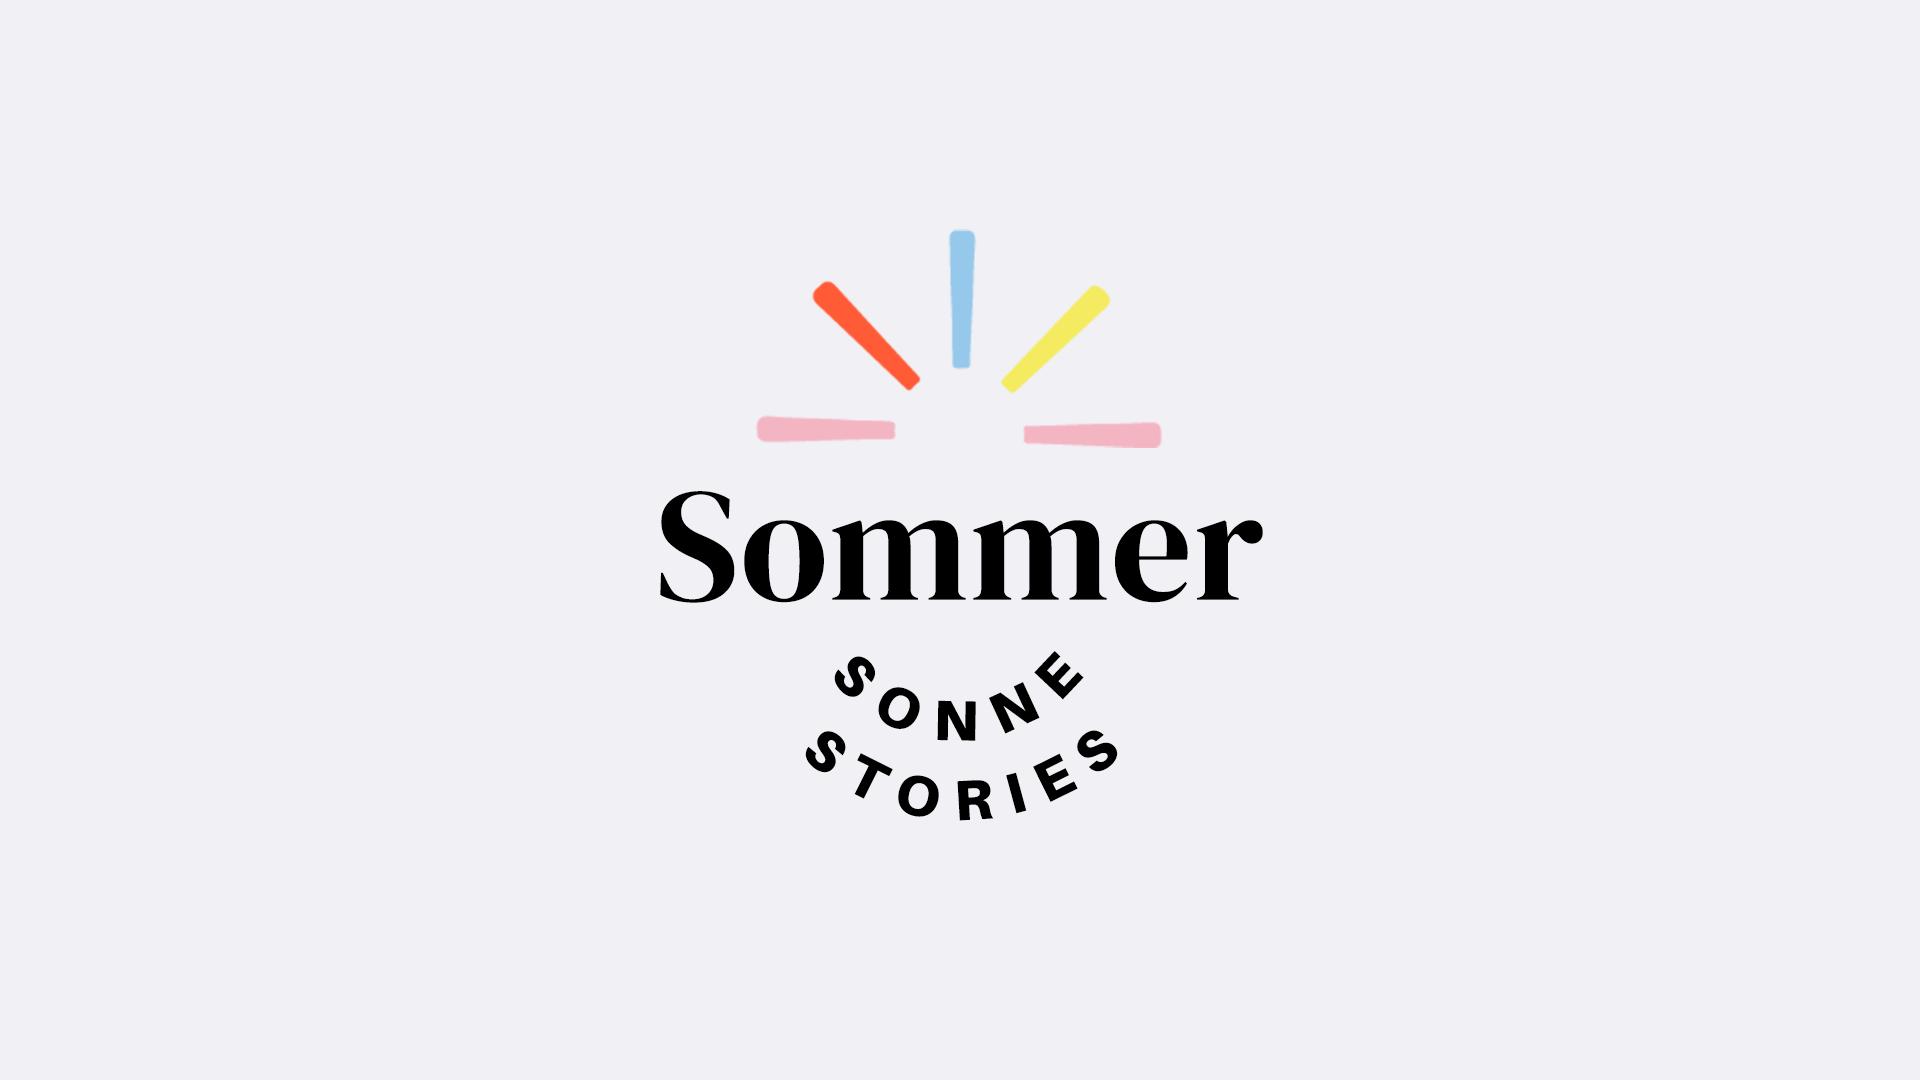 Sommer, Sonne, Stories